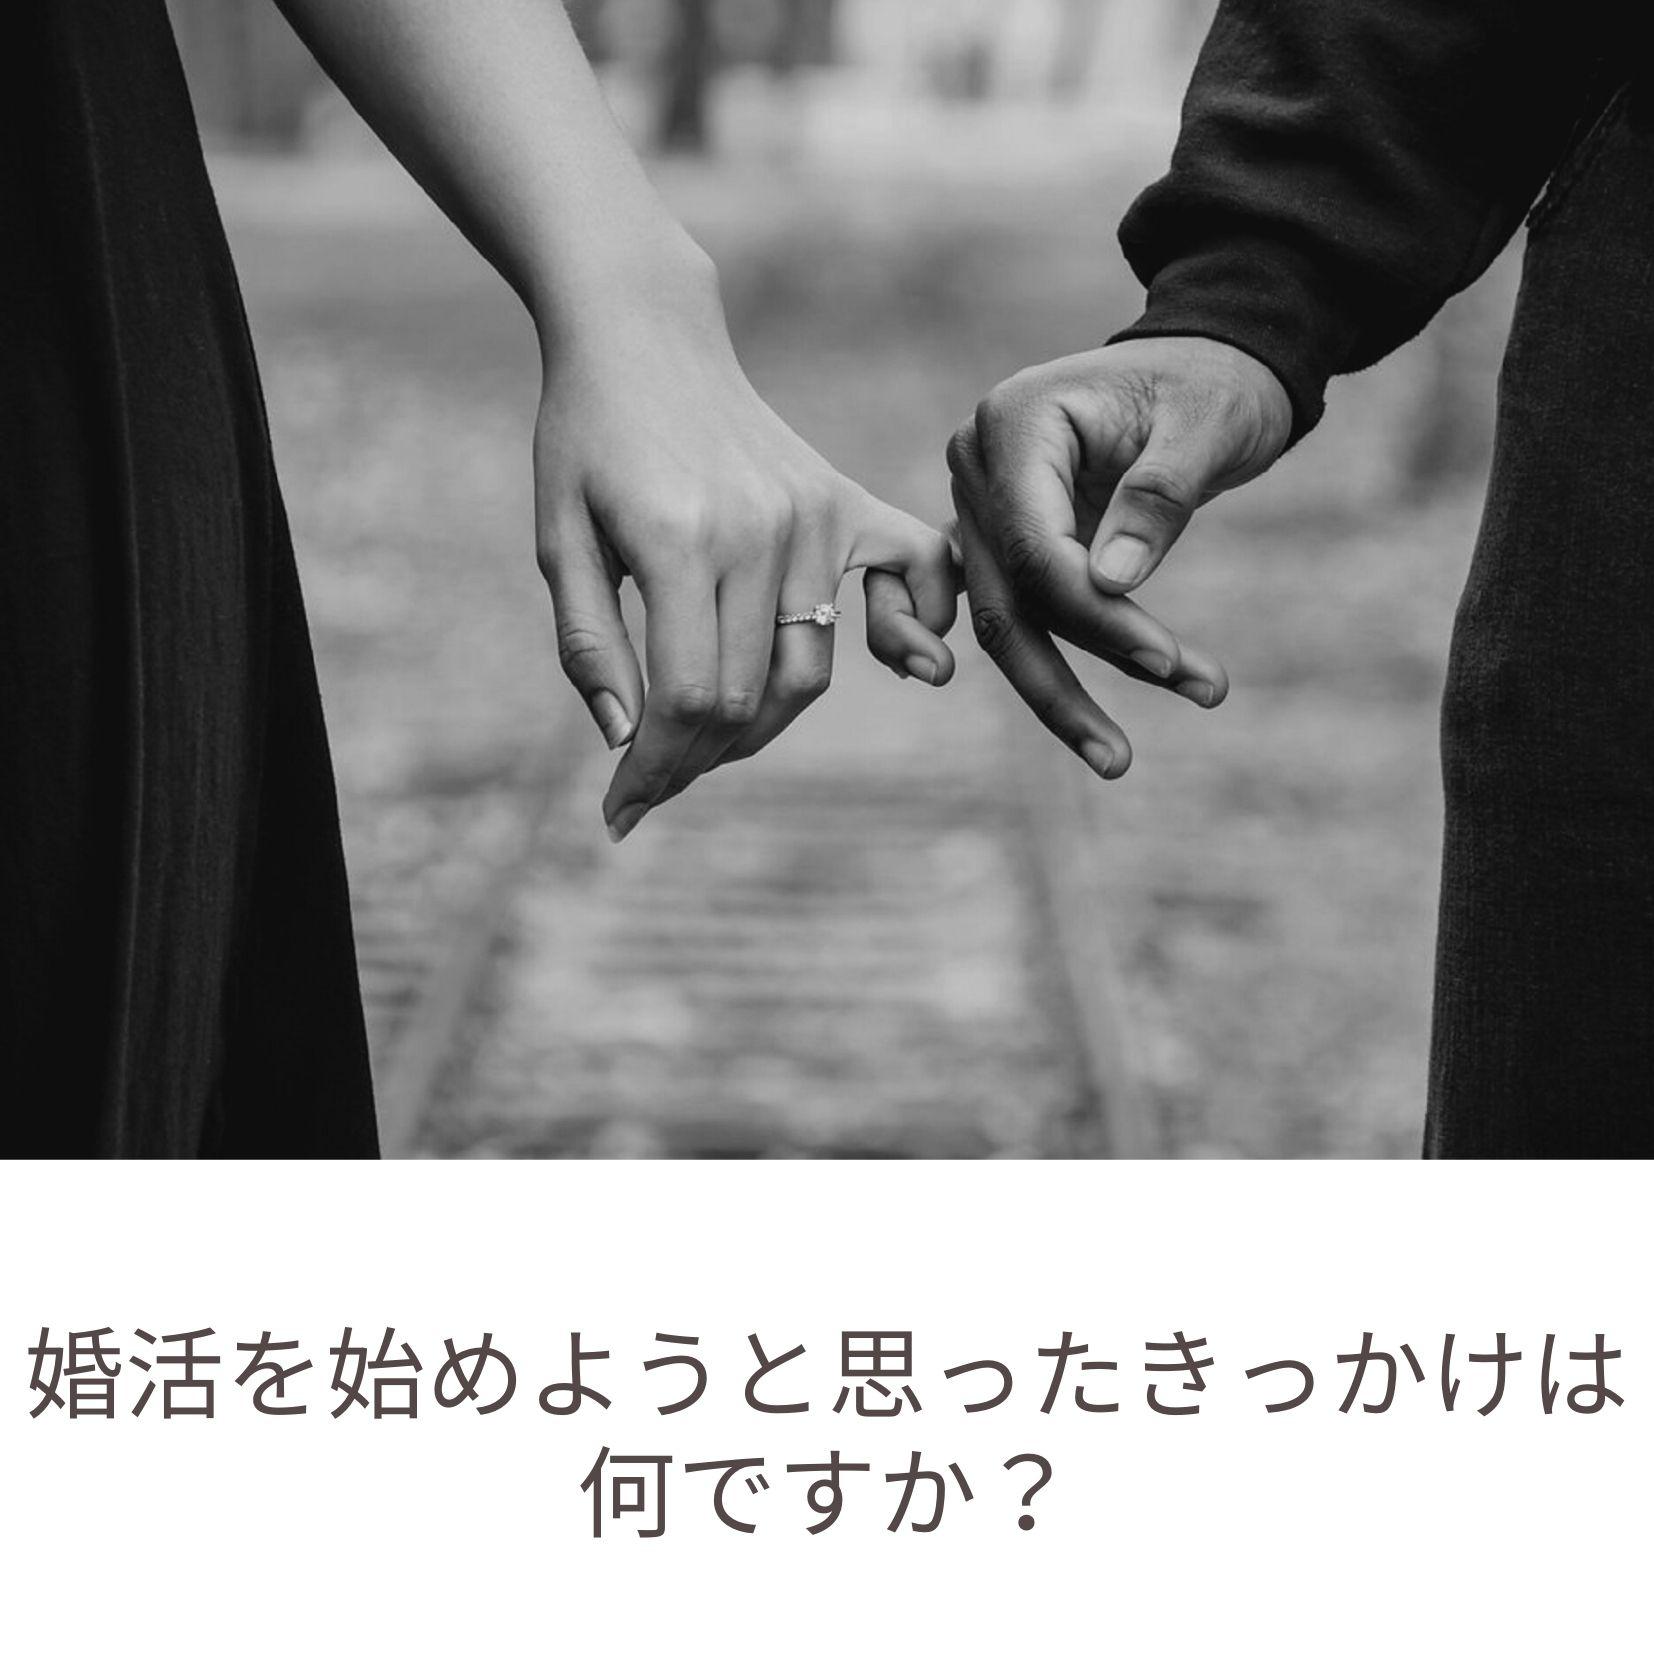 婚活を始めようと思ったきっかけは、何ですか?